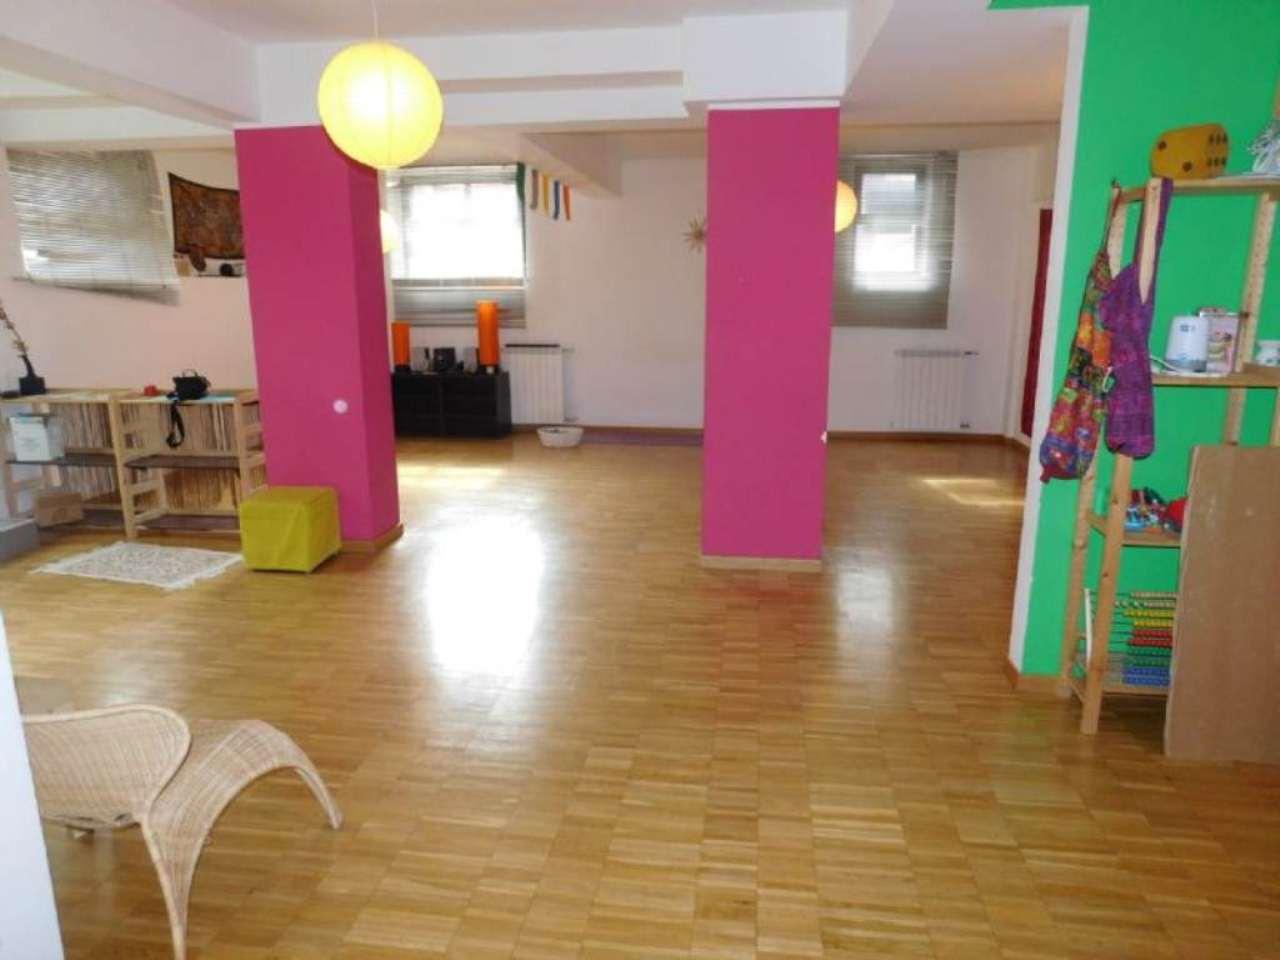 Ufficio / Studio in vendita a Buccinasco, 9999 locali, prezzo € 85.000 | Cambio Casa.it